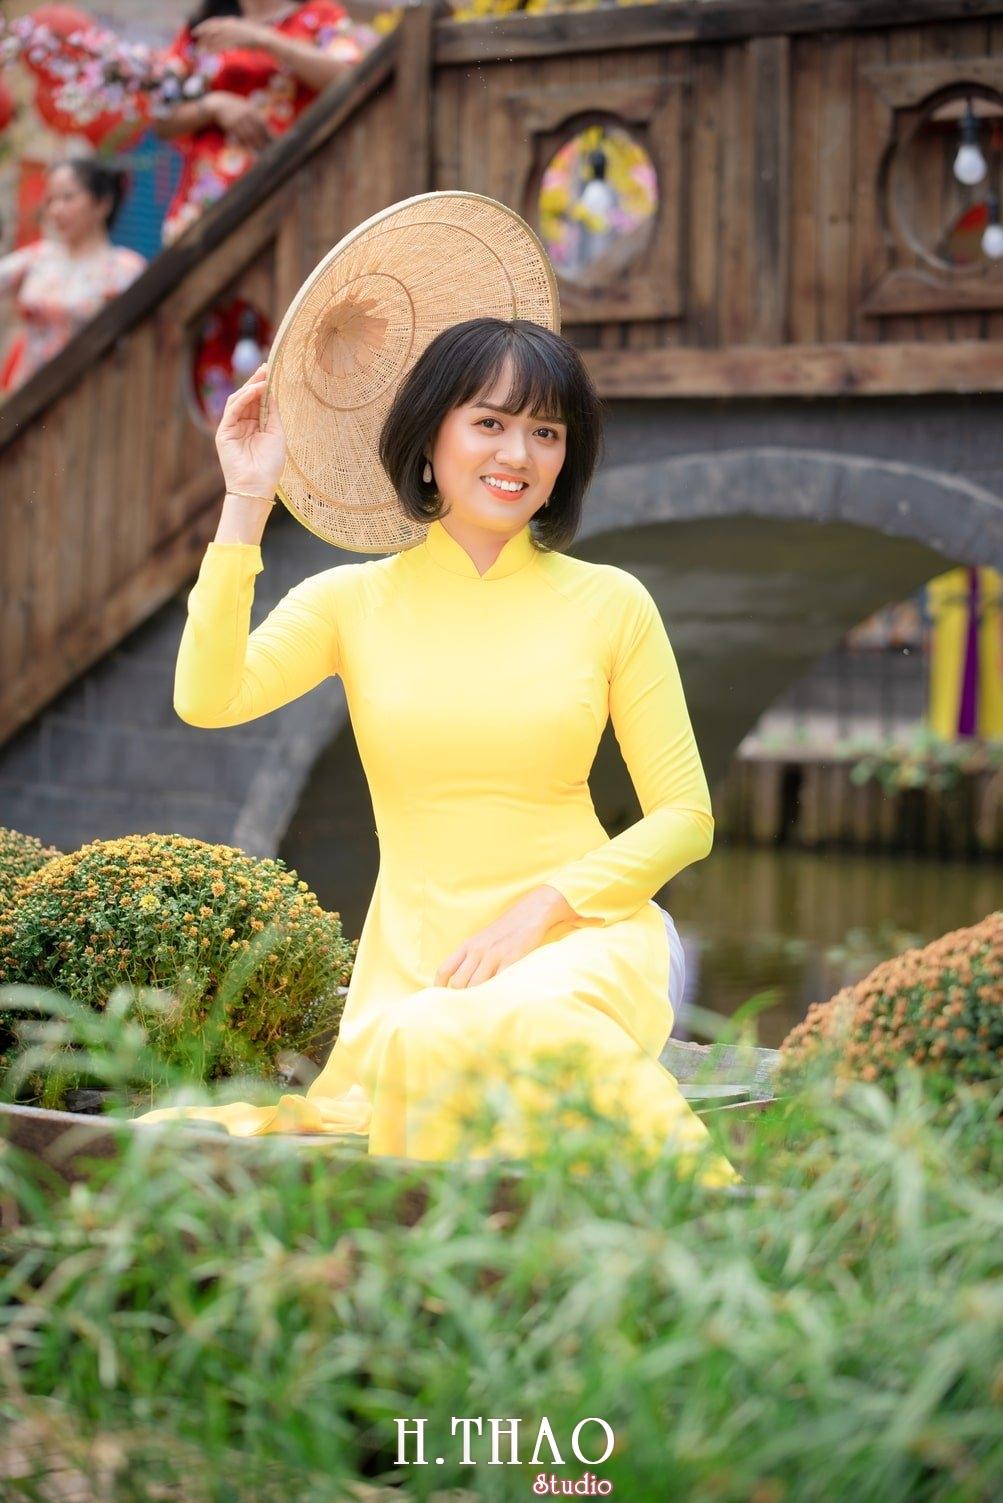 Ao dai tet 2021 15 - Album áo dài xuân chị Trang chụp tại Alibaba tuyệt đẹp - HThao Studio